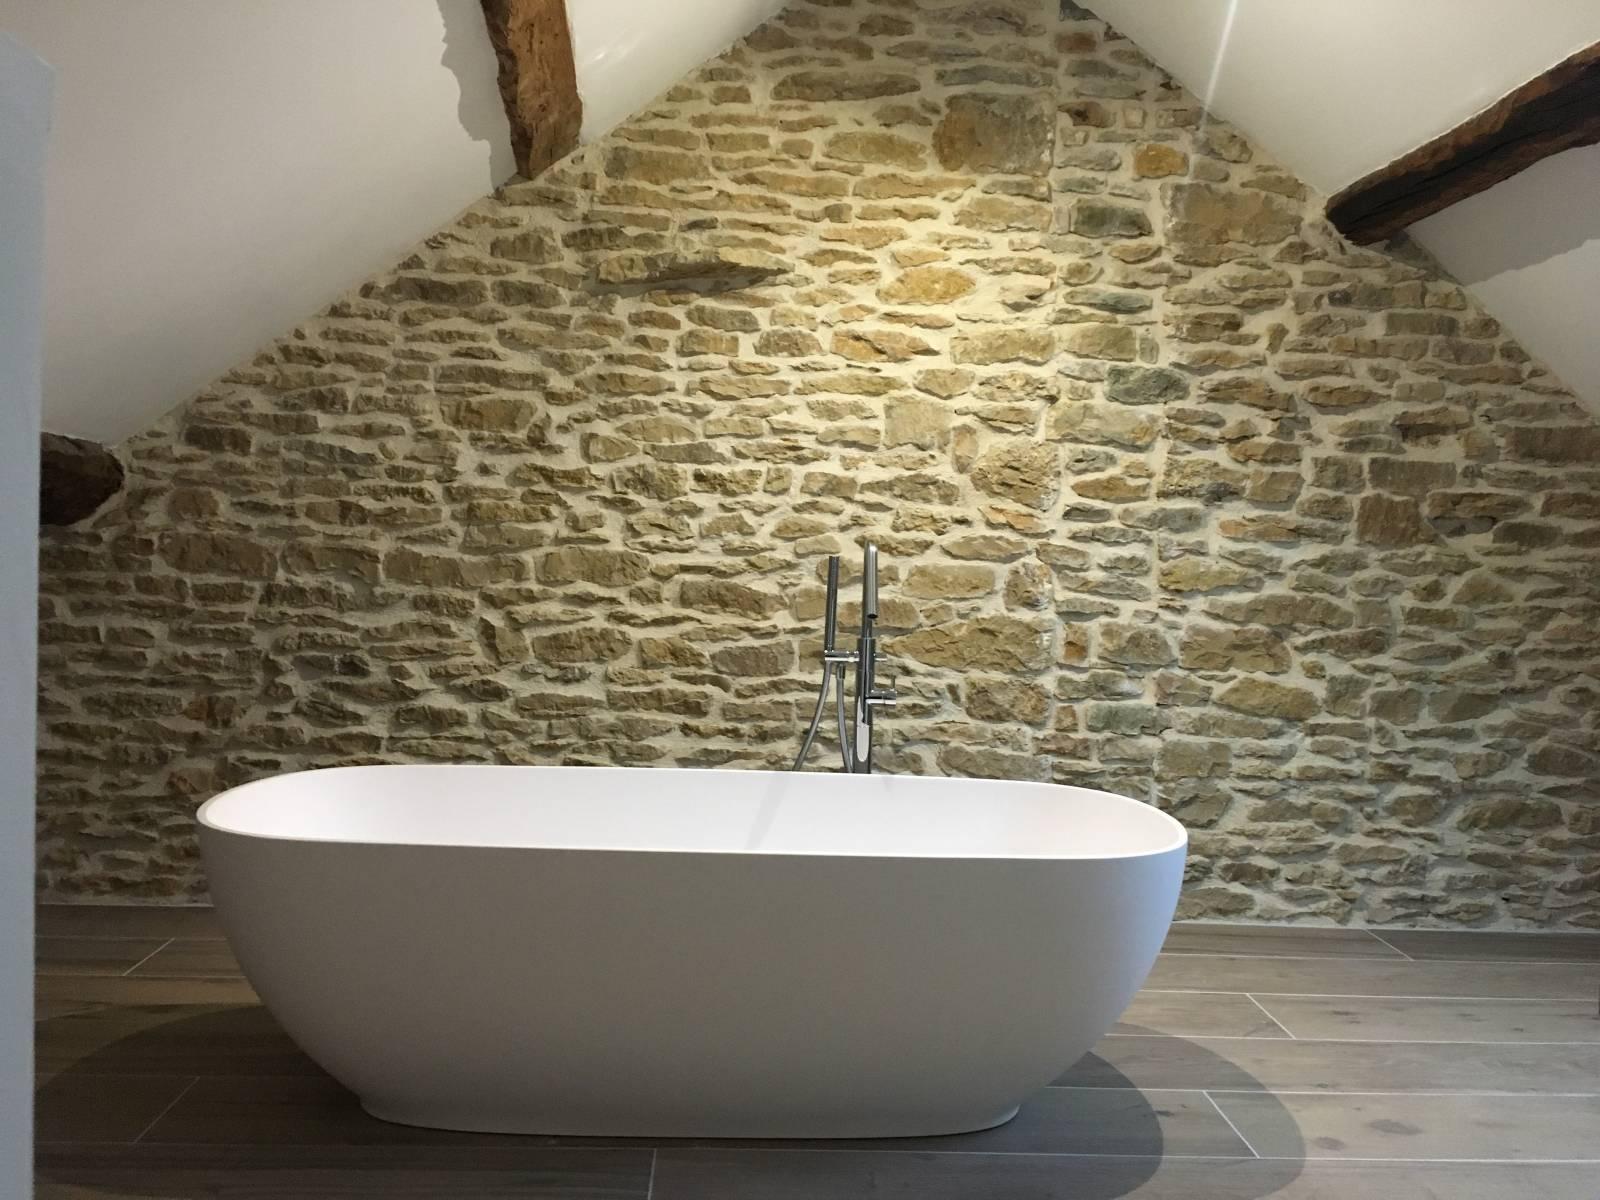 cr ation de salle de bain sur mesure lyon il bagno. Black Bedroom Furniture Sets. Home Design Ideas